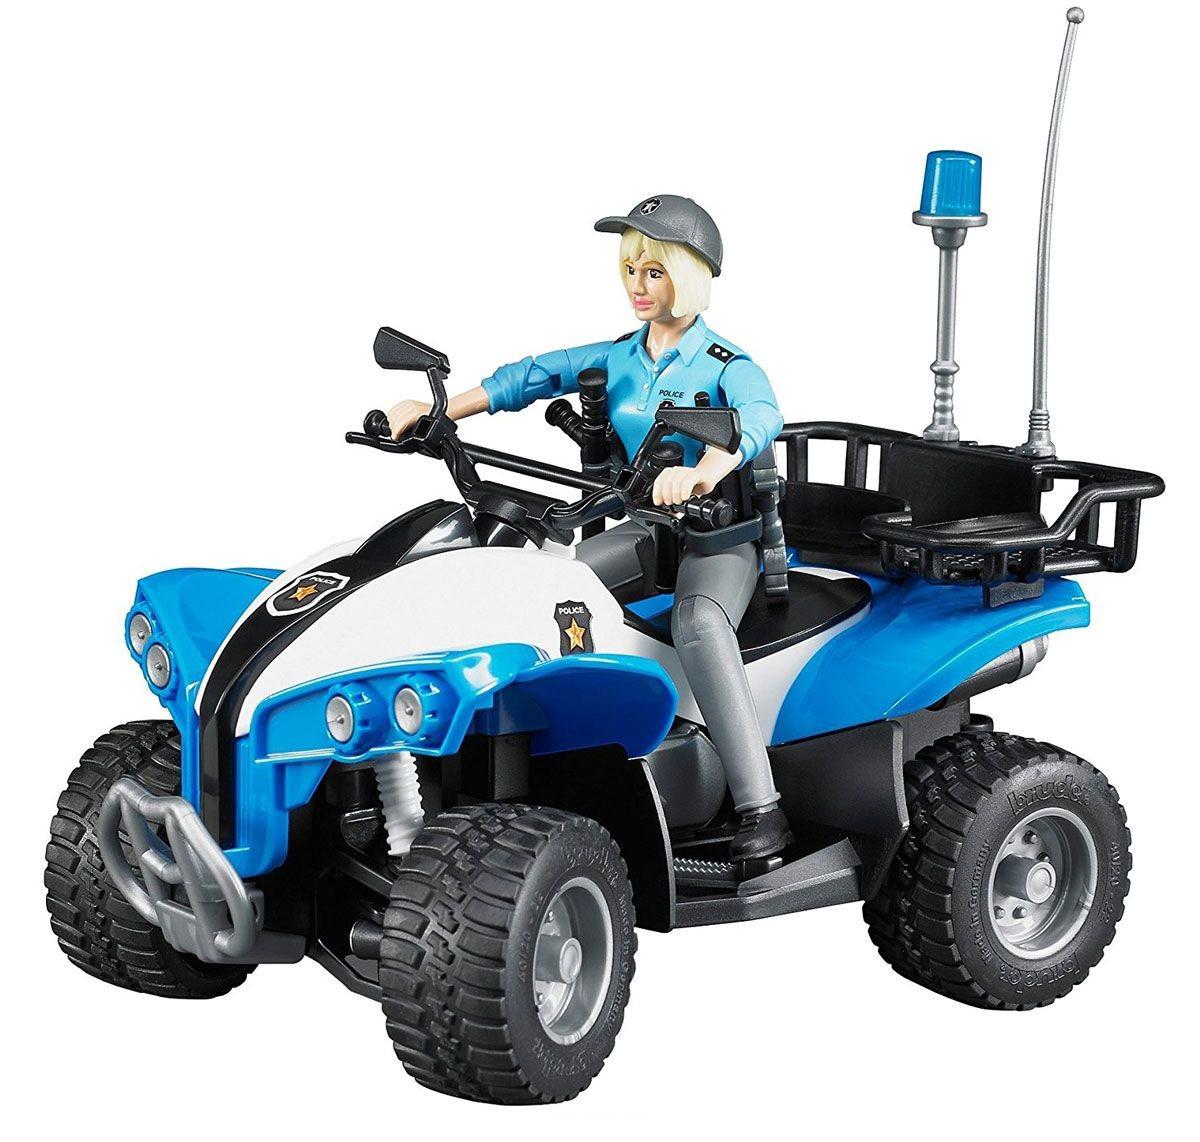 Bruder Полицейский квадроцикл с фигуркой